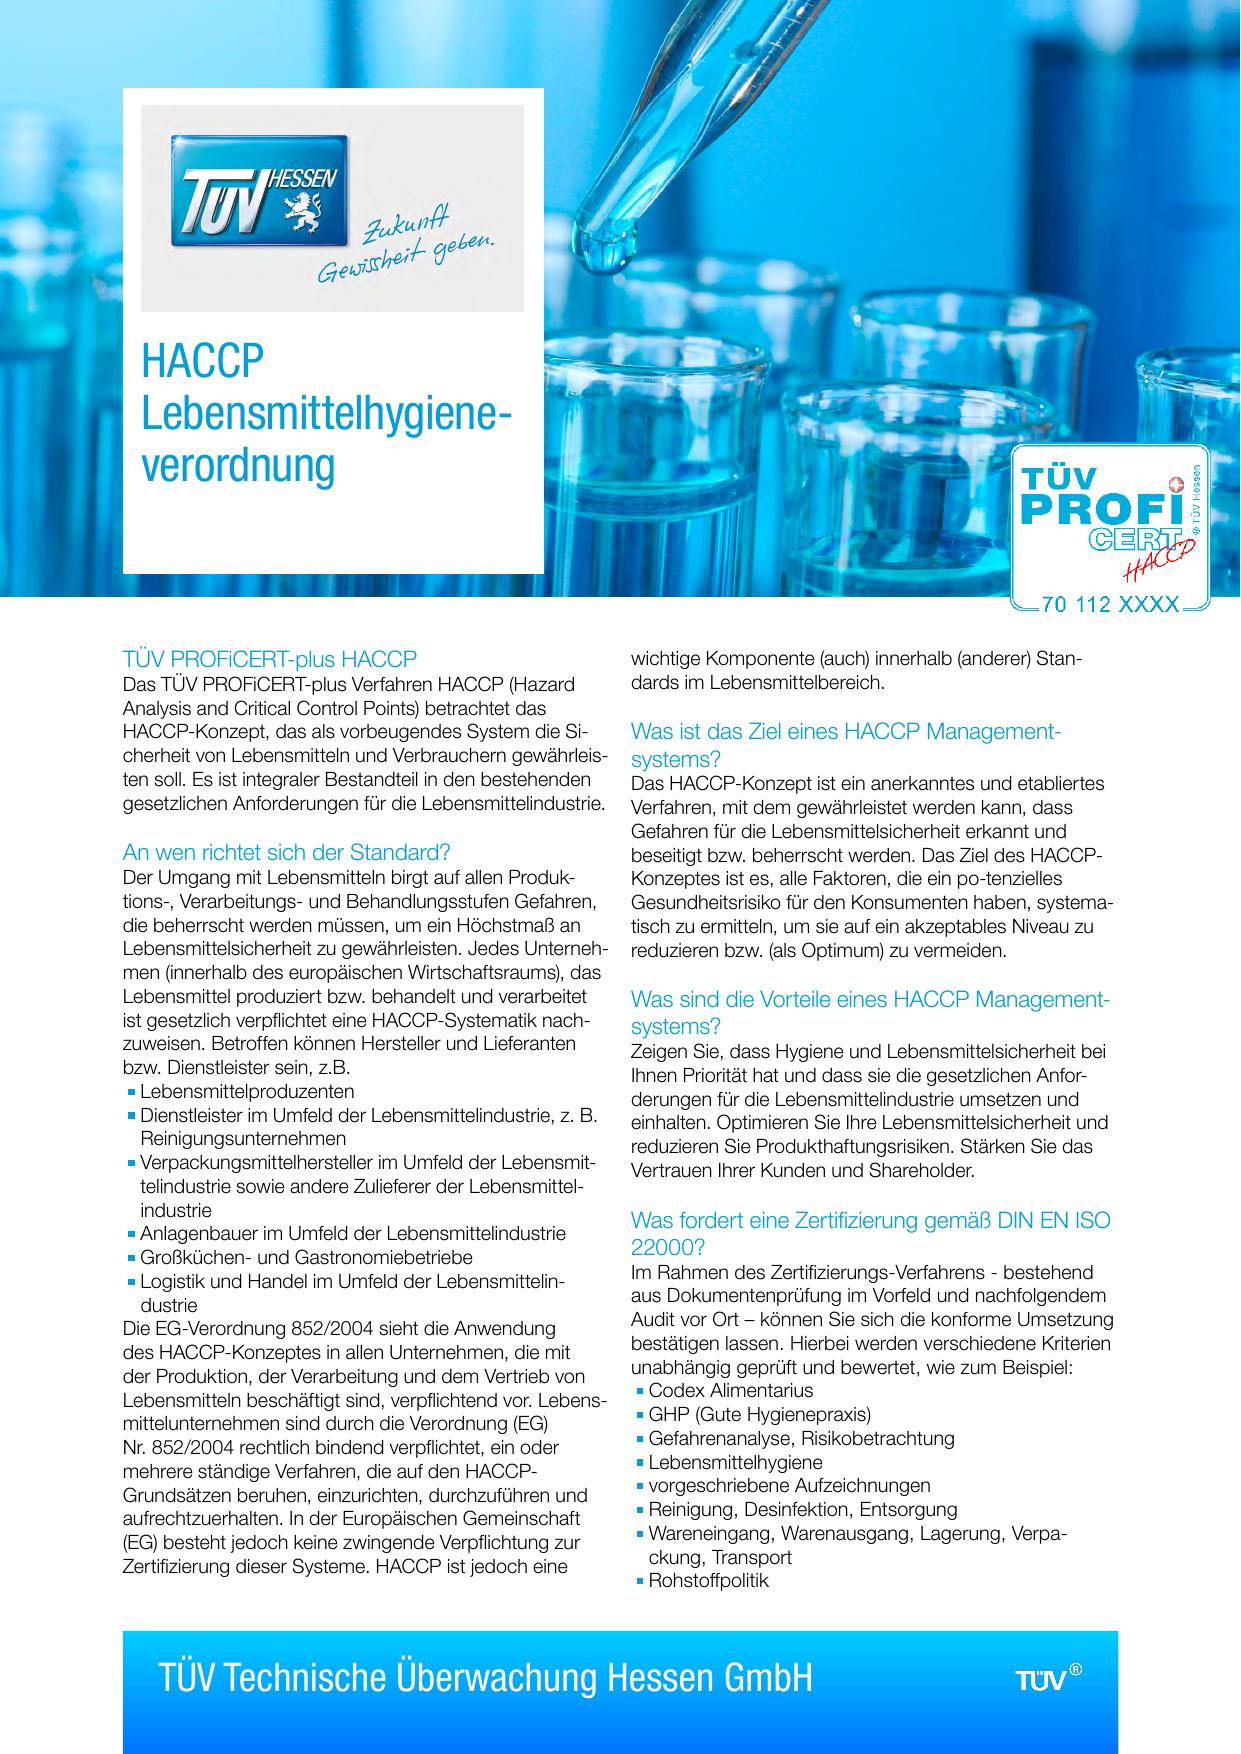 Haccp Lebensmittelhygiene Verordnung